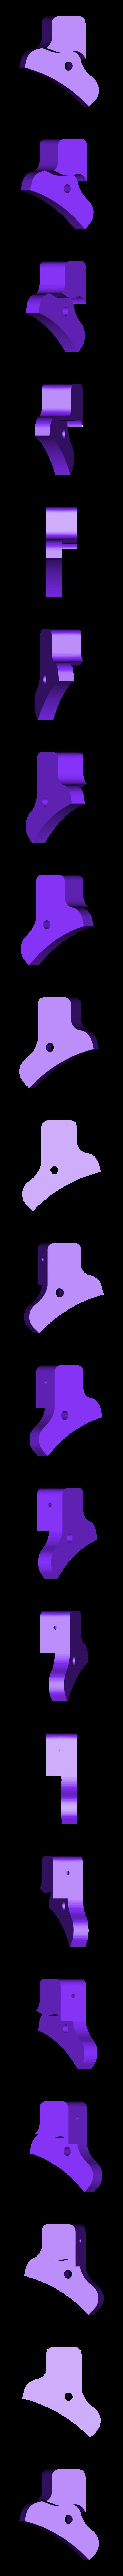 bass_leg_R2.stl Télécharger fichier STL gratuit Coussinet de grosse caisse de 8 pouces • Modèle pour imprimante 3D, RyoKosaka